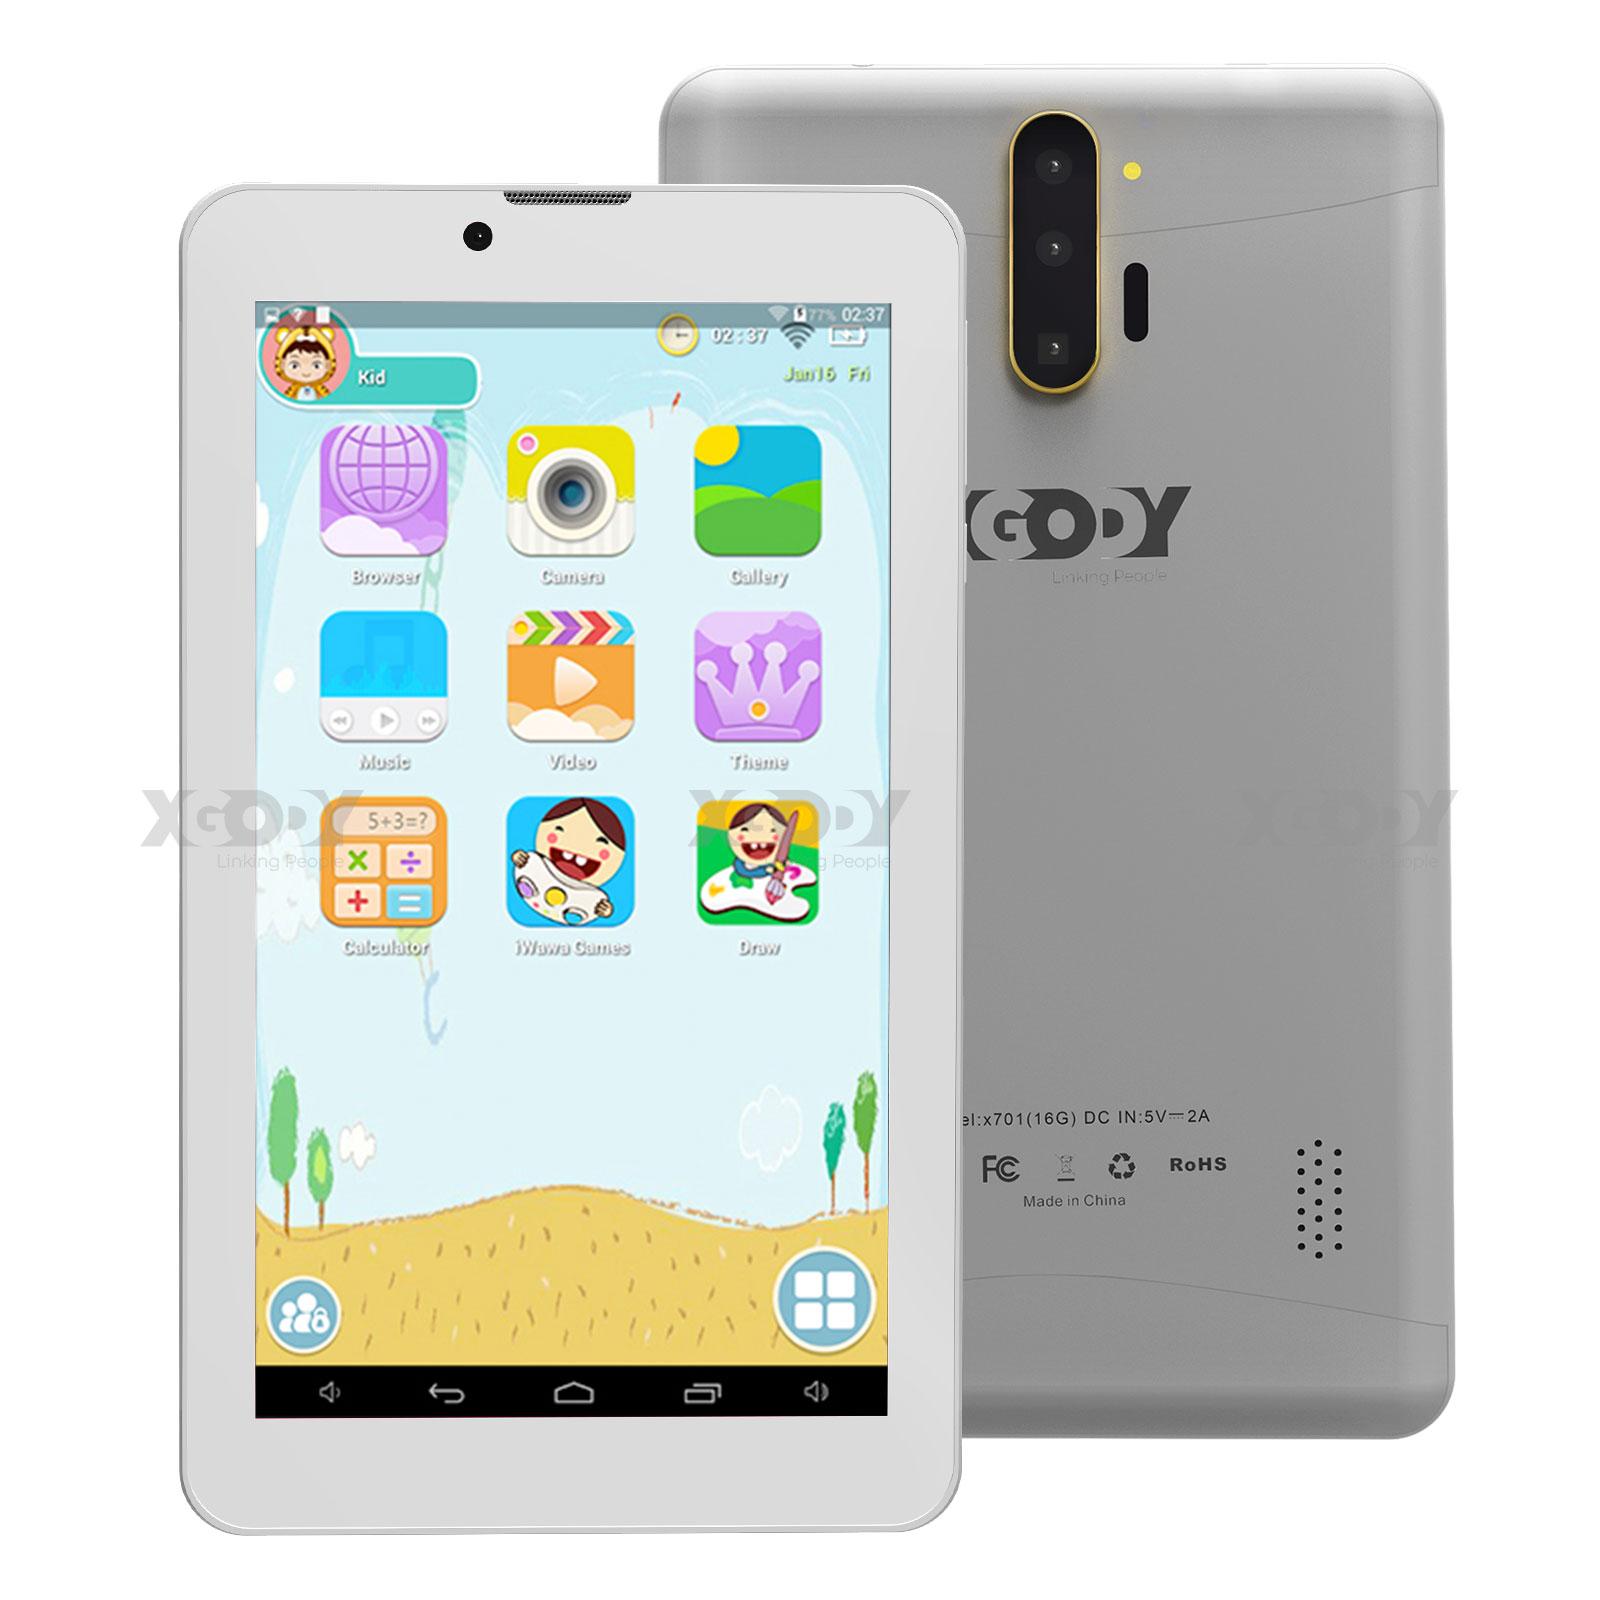 """XGODY Android Quad-core 7.0 Dual SIM 16GB/32GB WiFi+3G 7"""" Ta"""